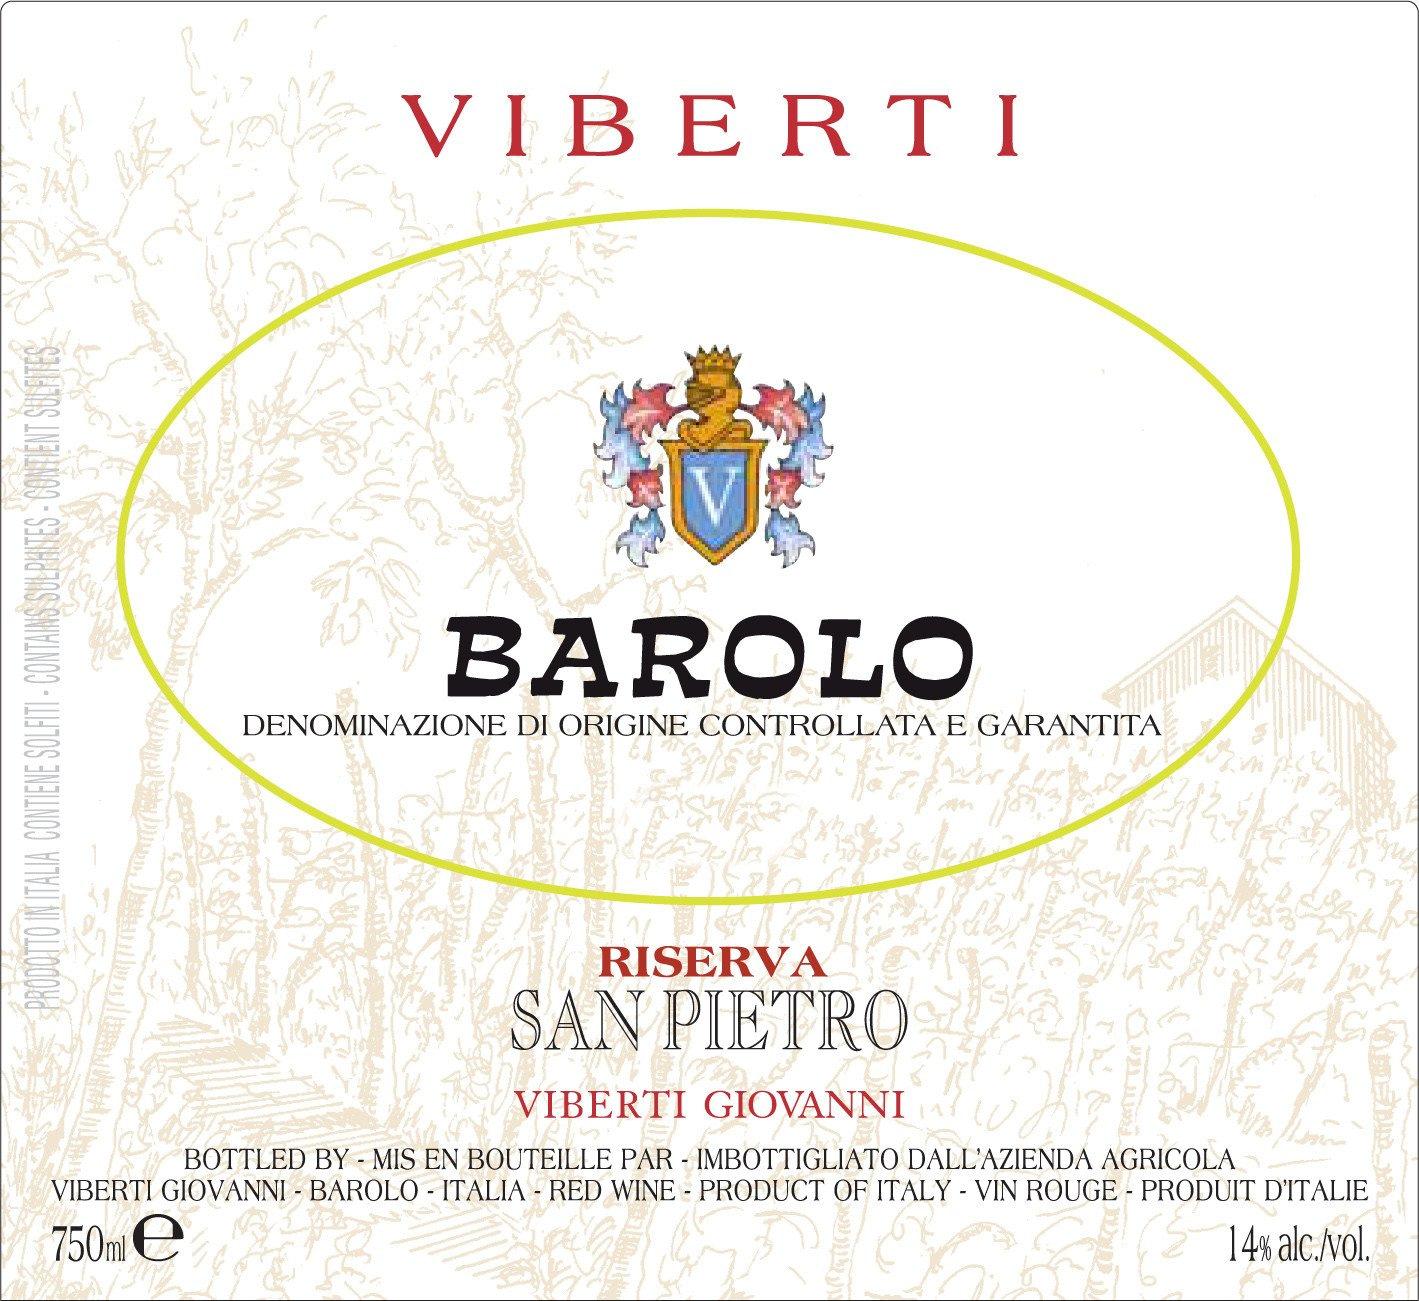 Viberti Barolo Riserva San Pietro 2006